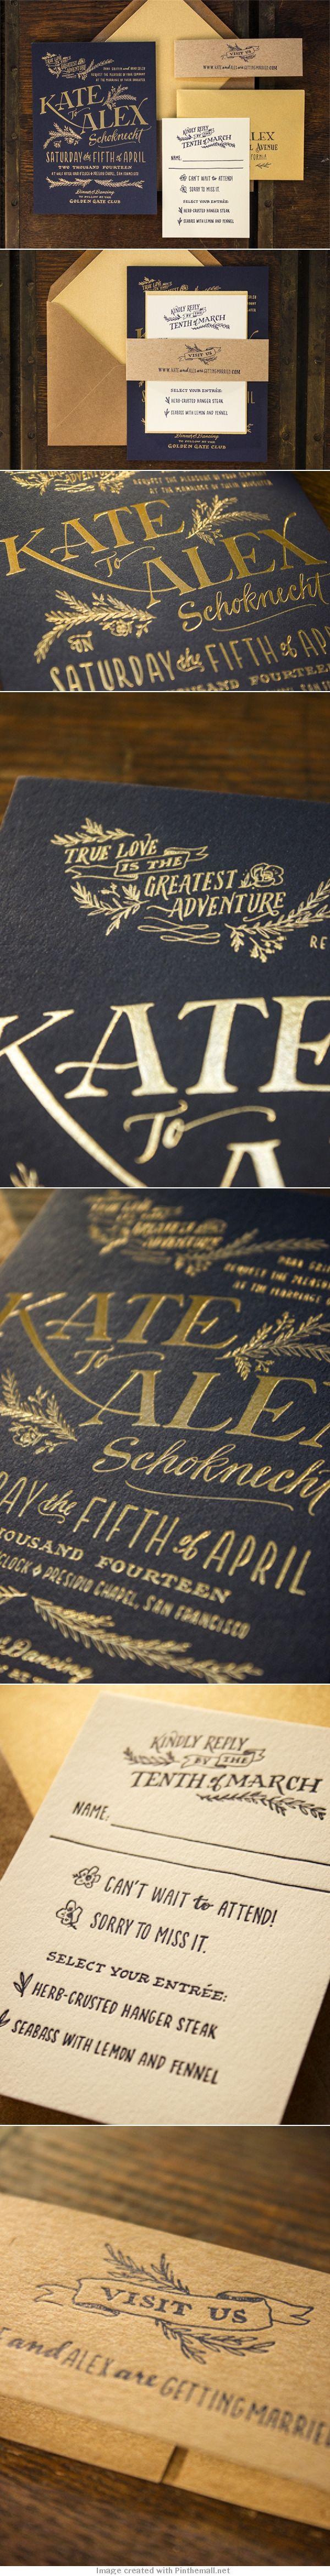 Invitaciones de boda rústicas y elegantes impresas con foil en dorado, azul, y beige de Ladyfingers Letterpress - OhSoBeautifulPaper.com